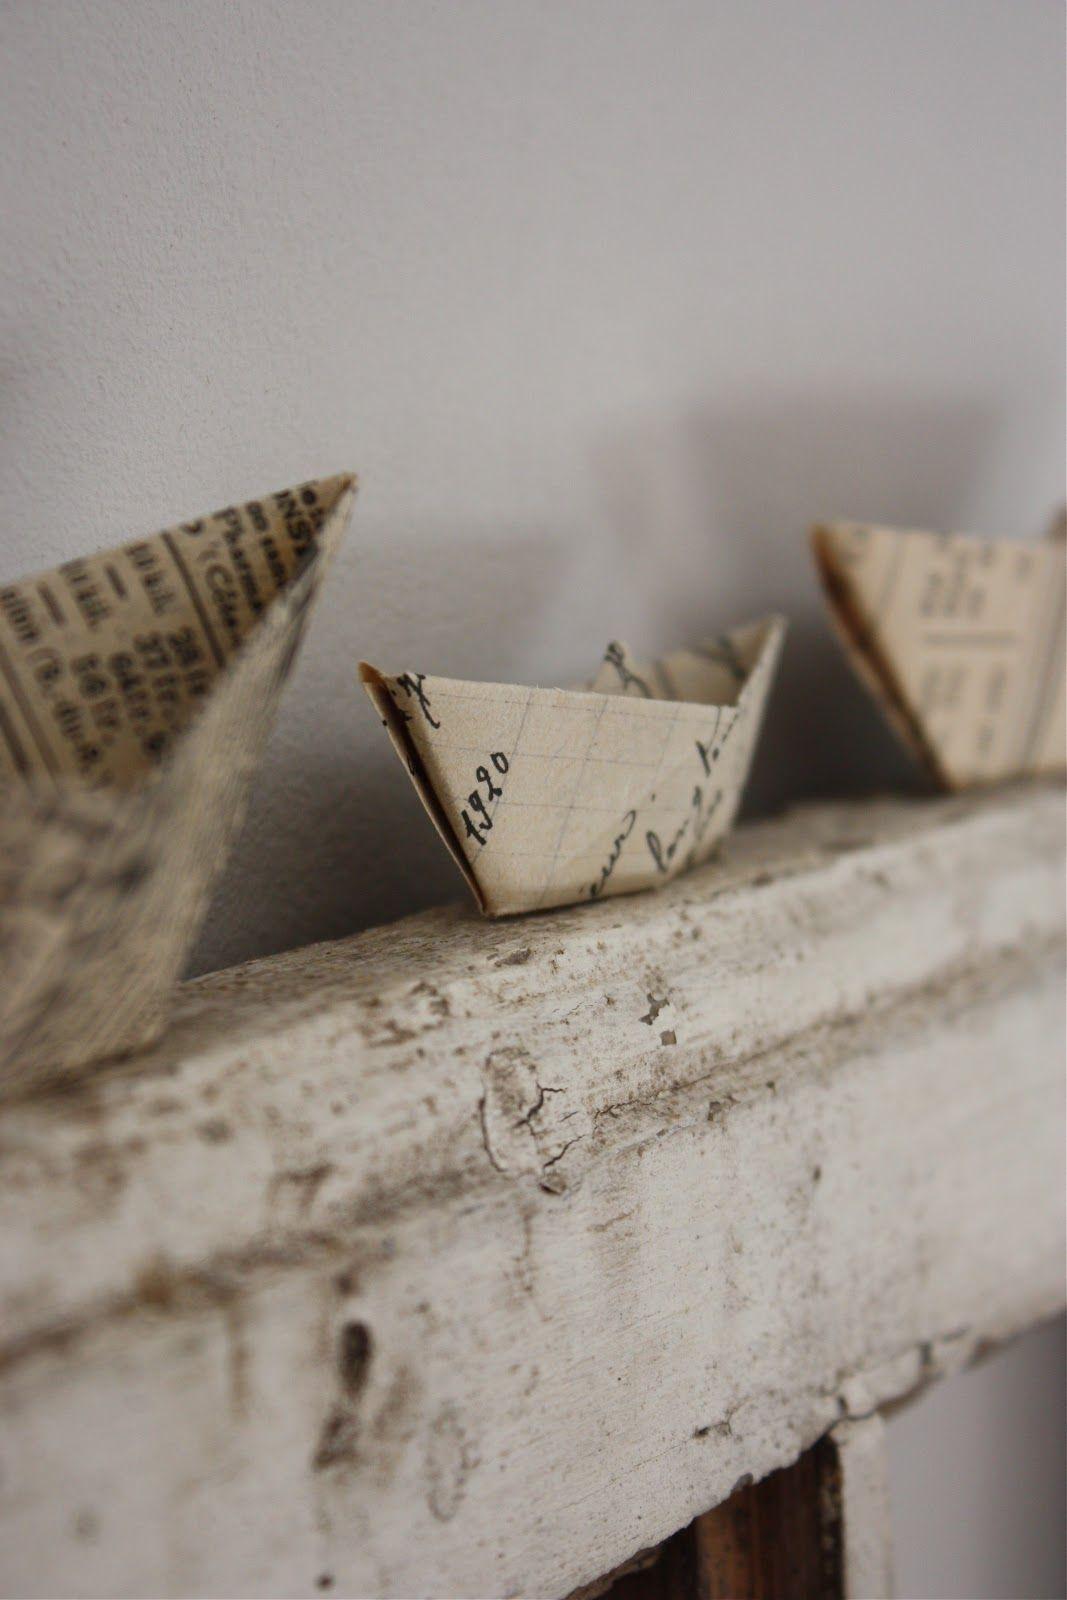 paperiveneiden taittelua, unelmien ja toiveiden matkaan laittoa metsälammen rannalta